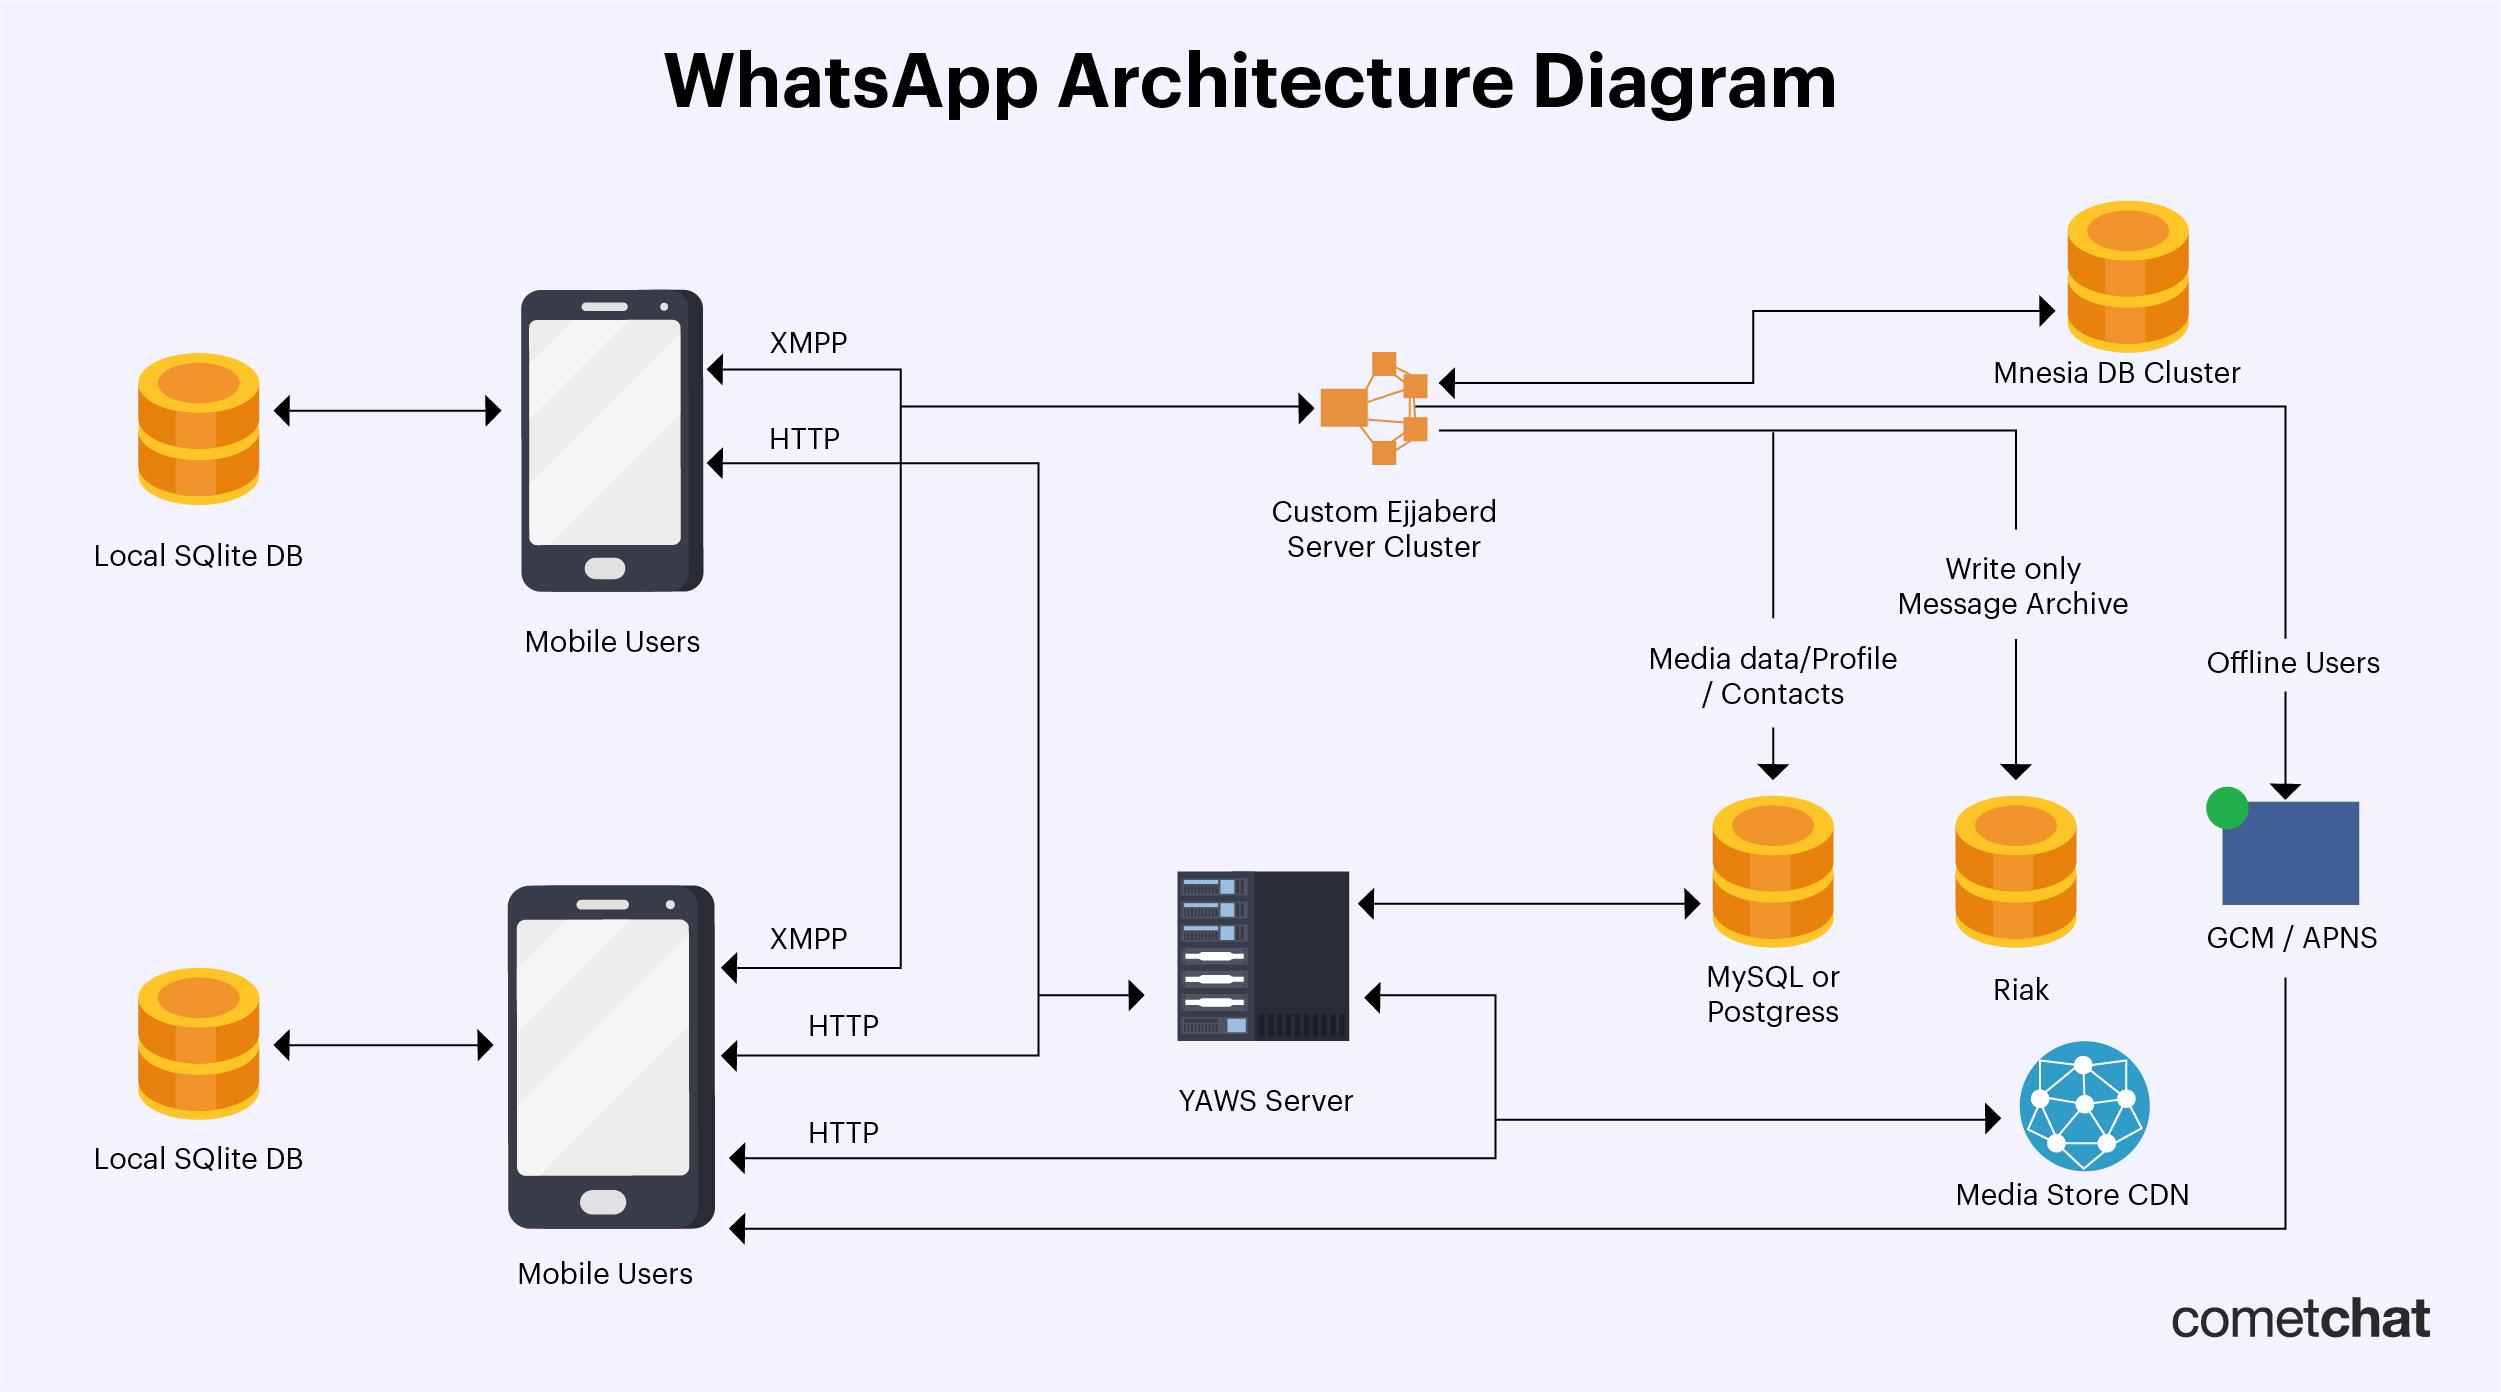 WhatsApp Architecture Diagram